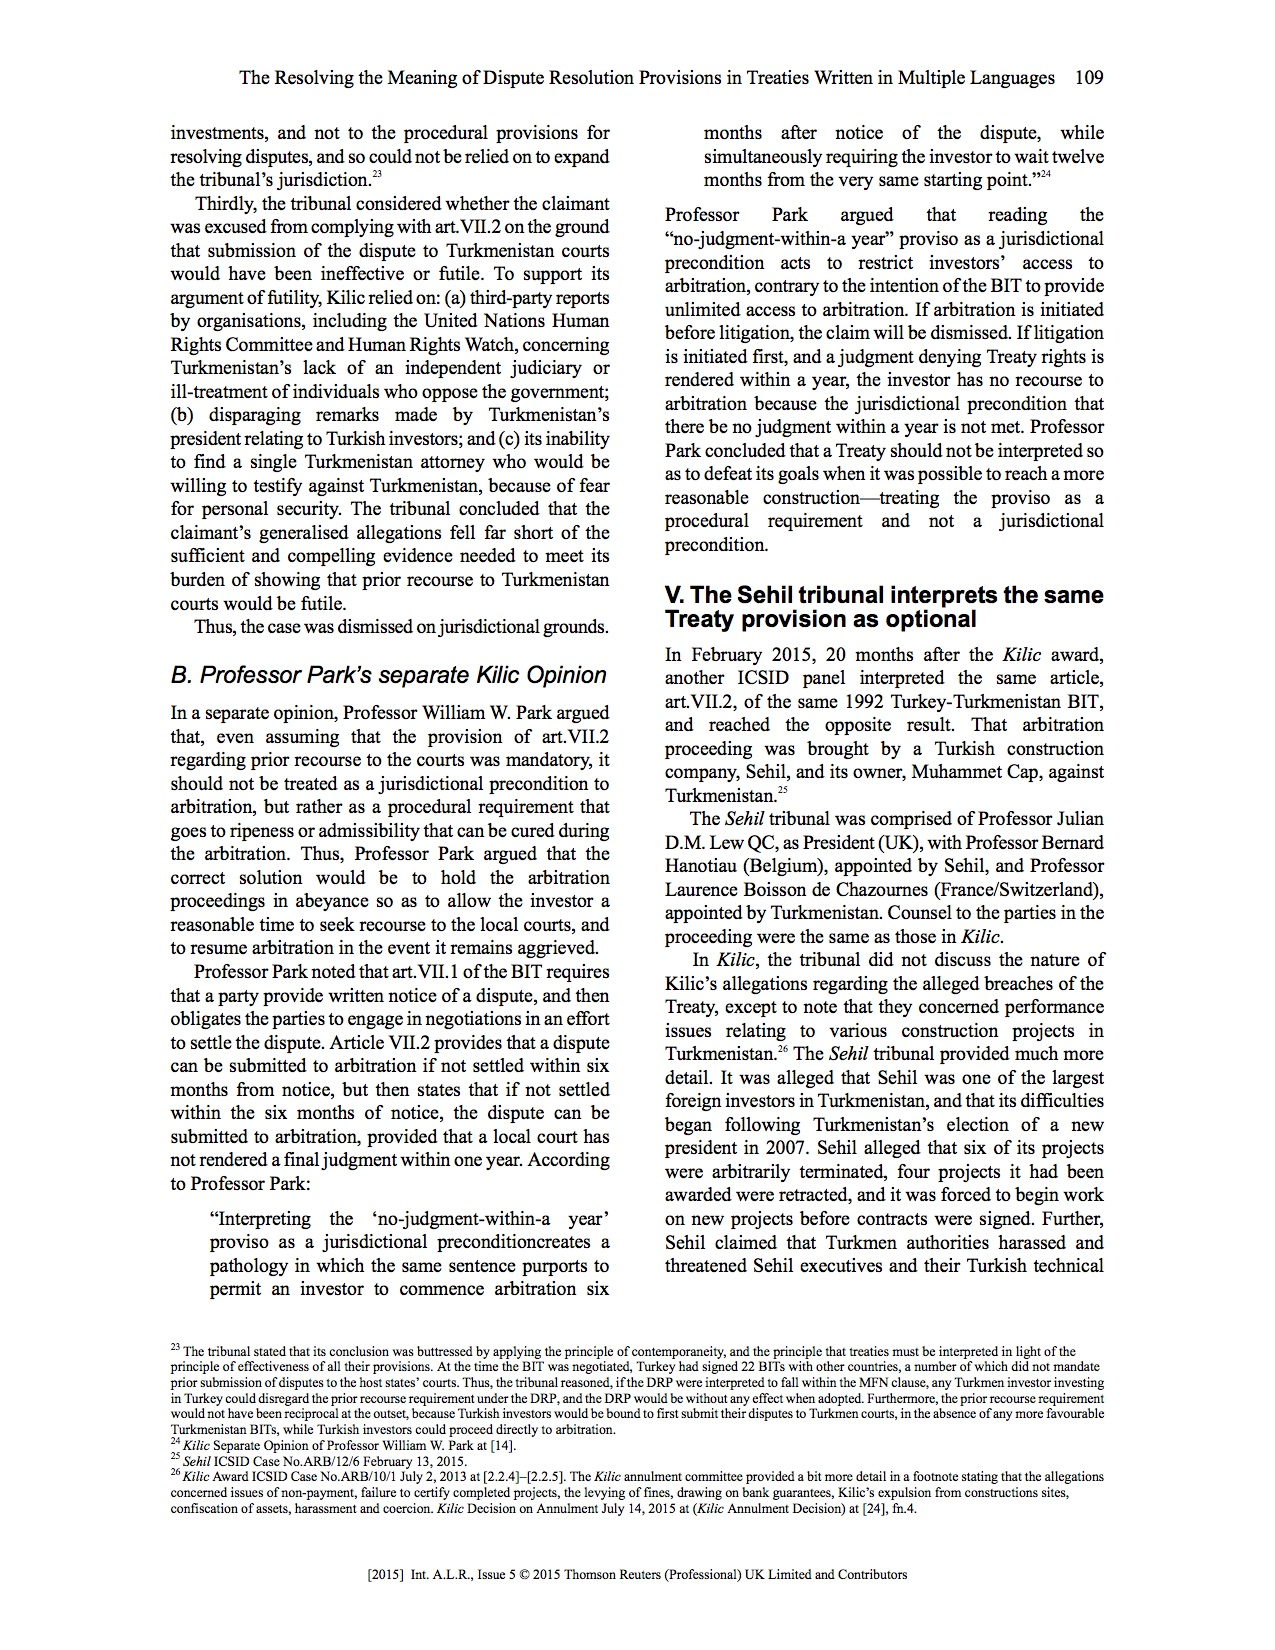 Intl Law Rev p5.jpg